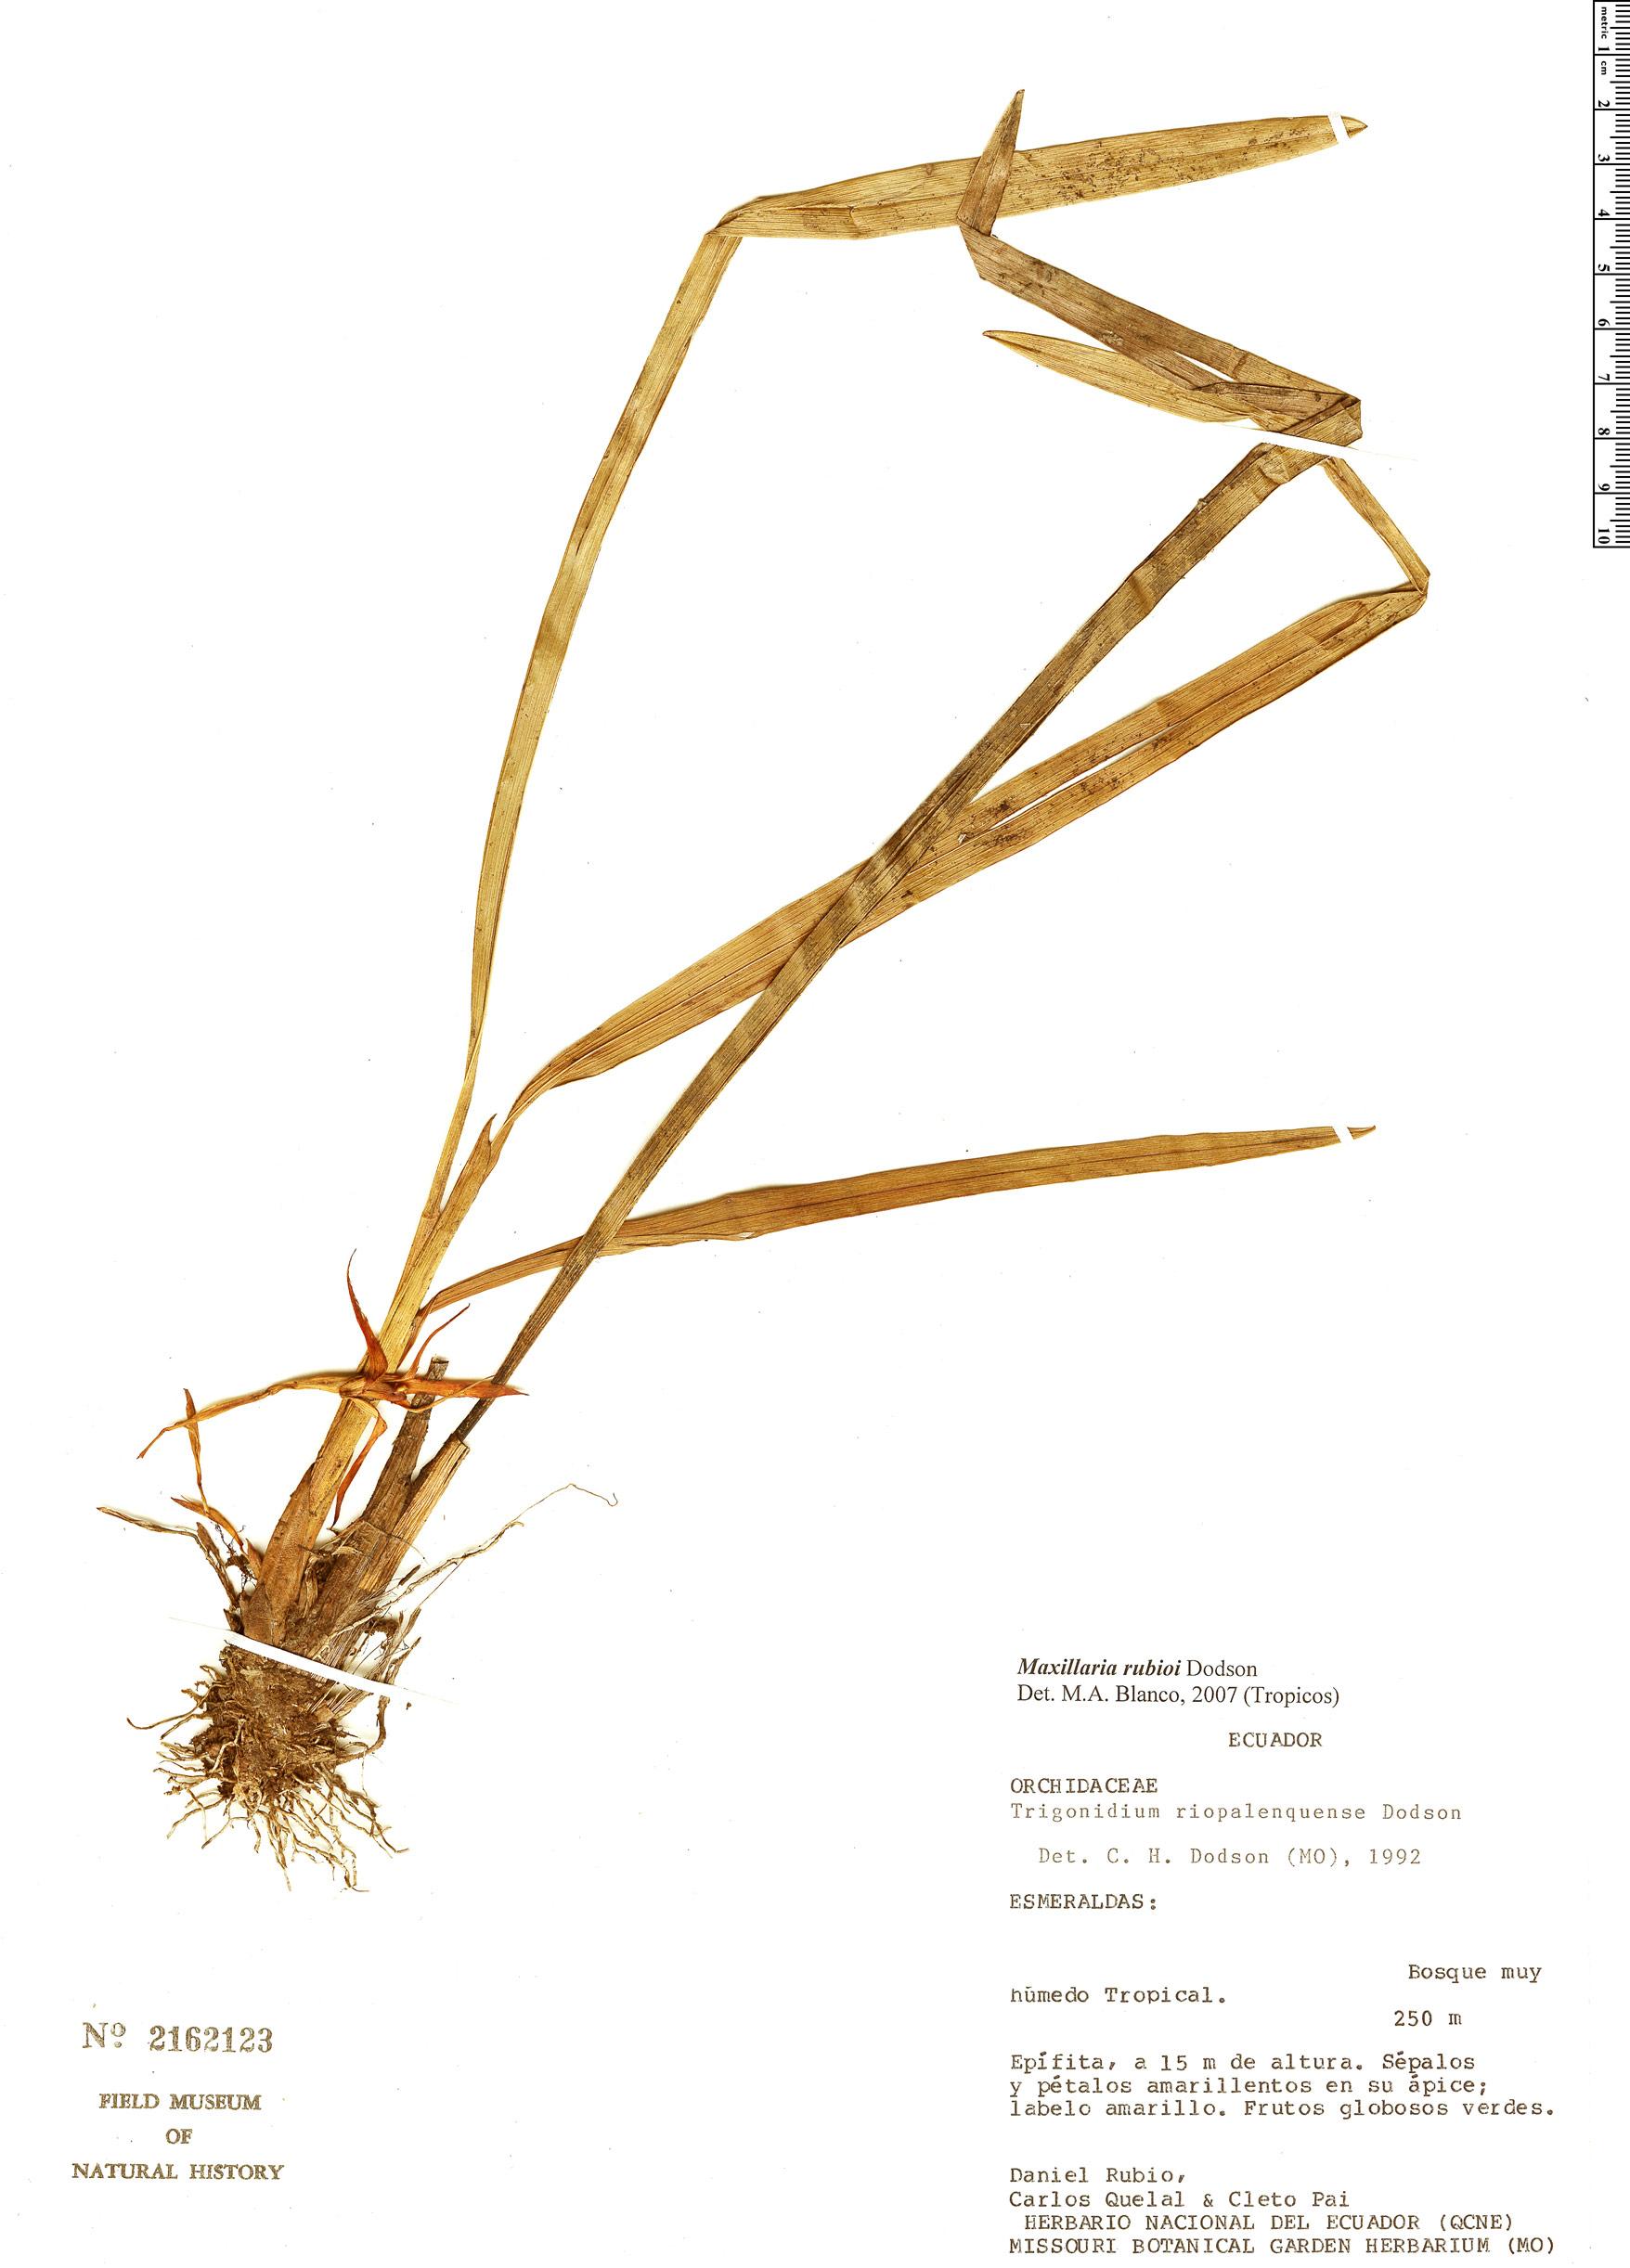 Specimen: Maxillaria rubioi